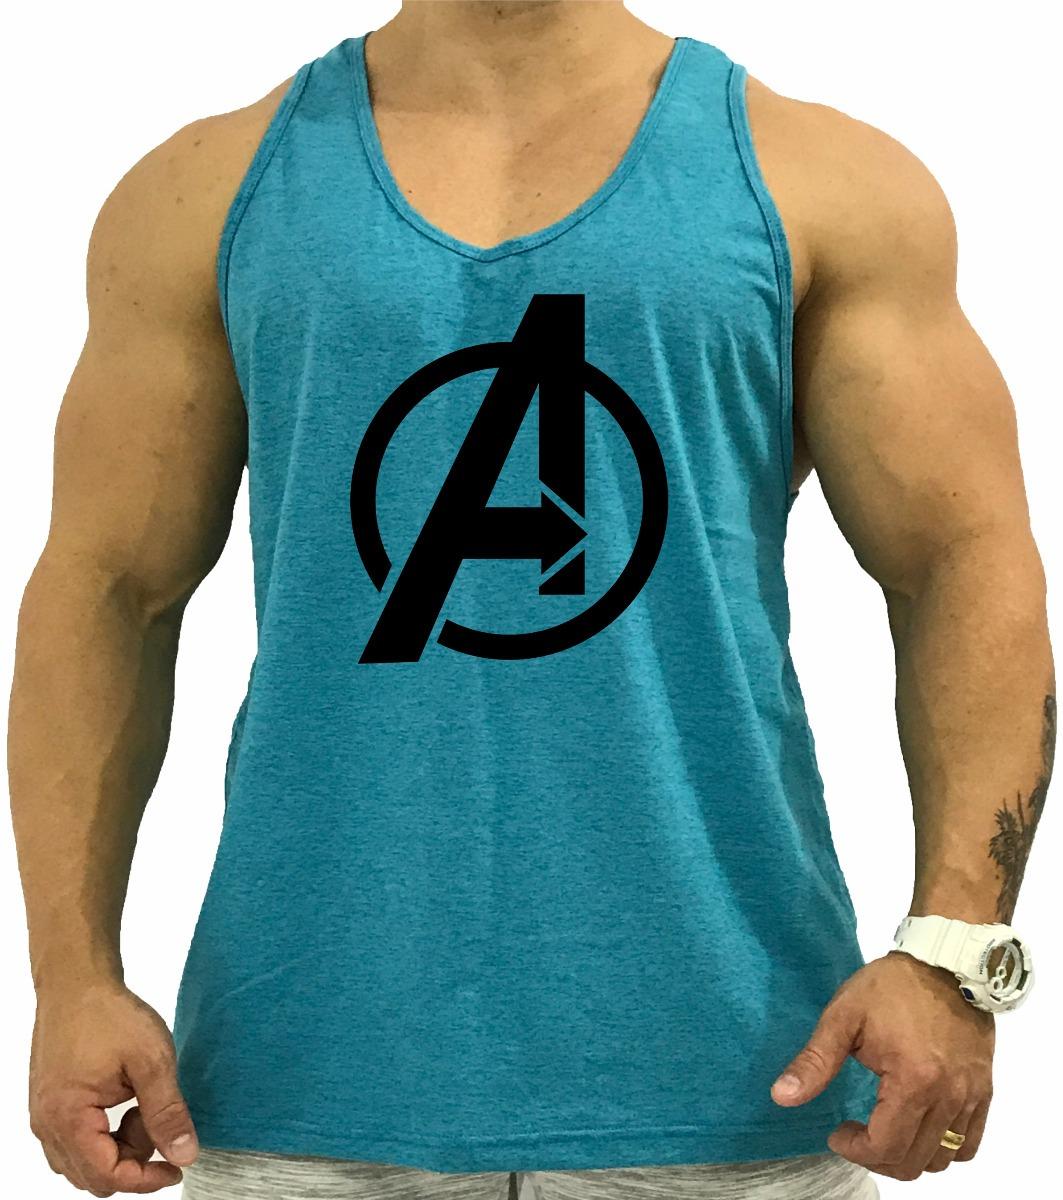 76fcb8571489b Regata masculina cavada oceano vingadores vingador heróis carregando zoom  jpg 1063x1200 Herois camisetas cavadas masculinas